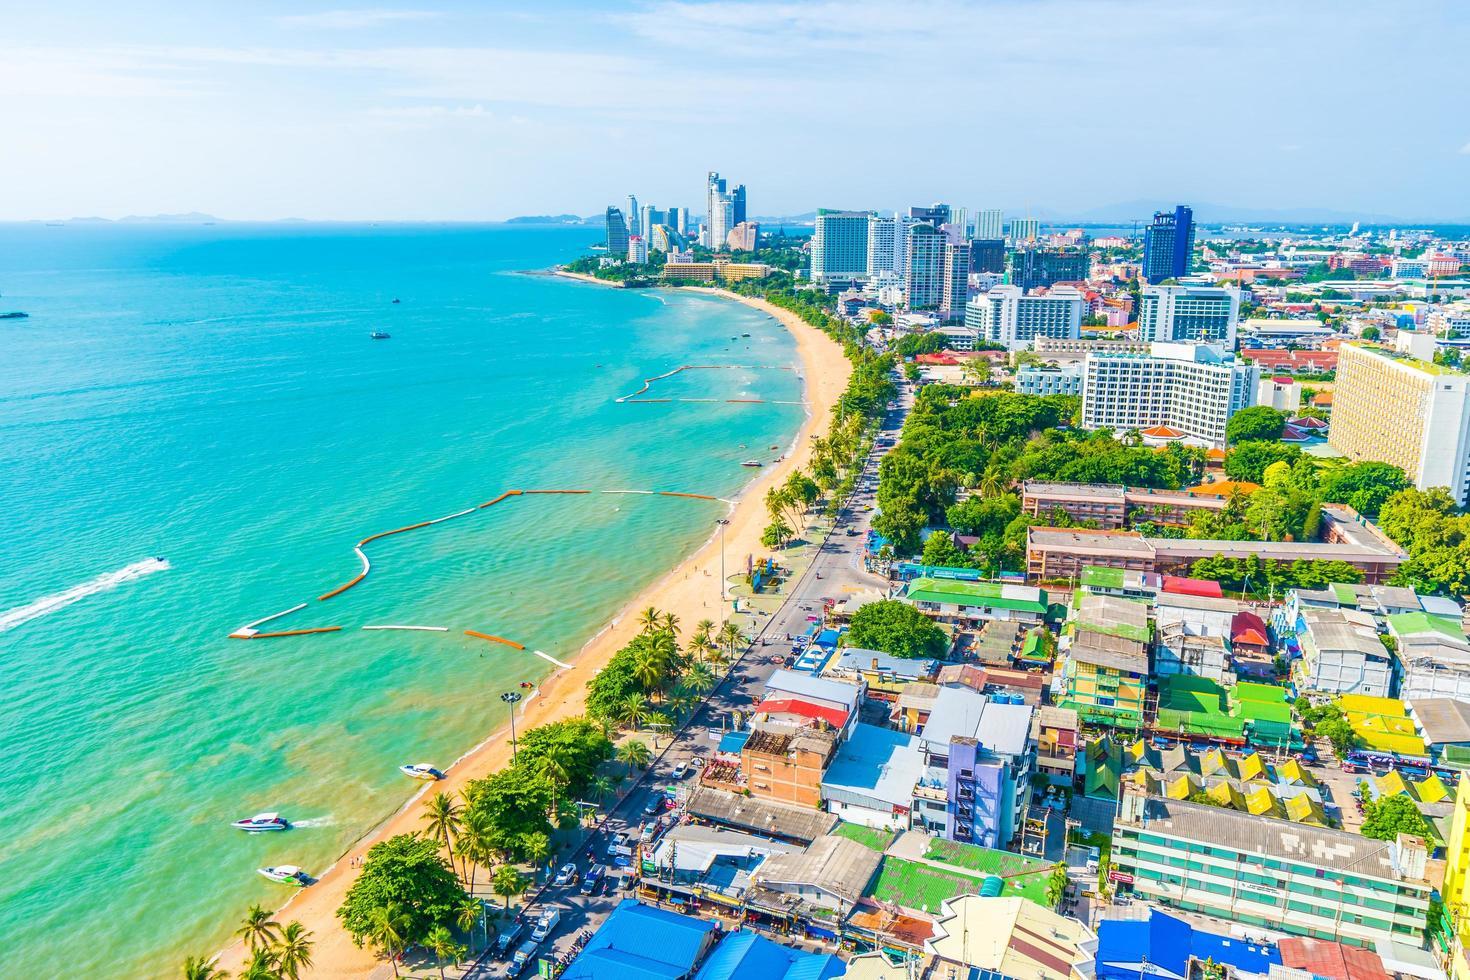 ville et baie de pattaya photo